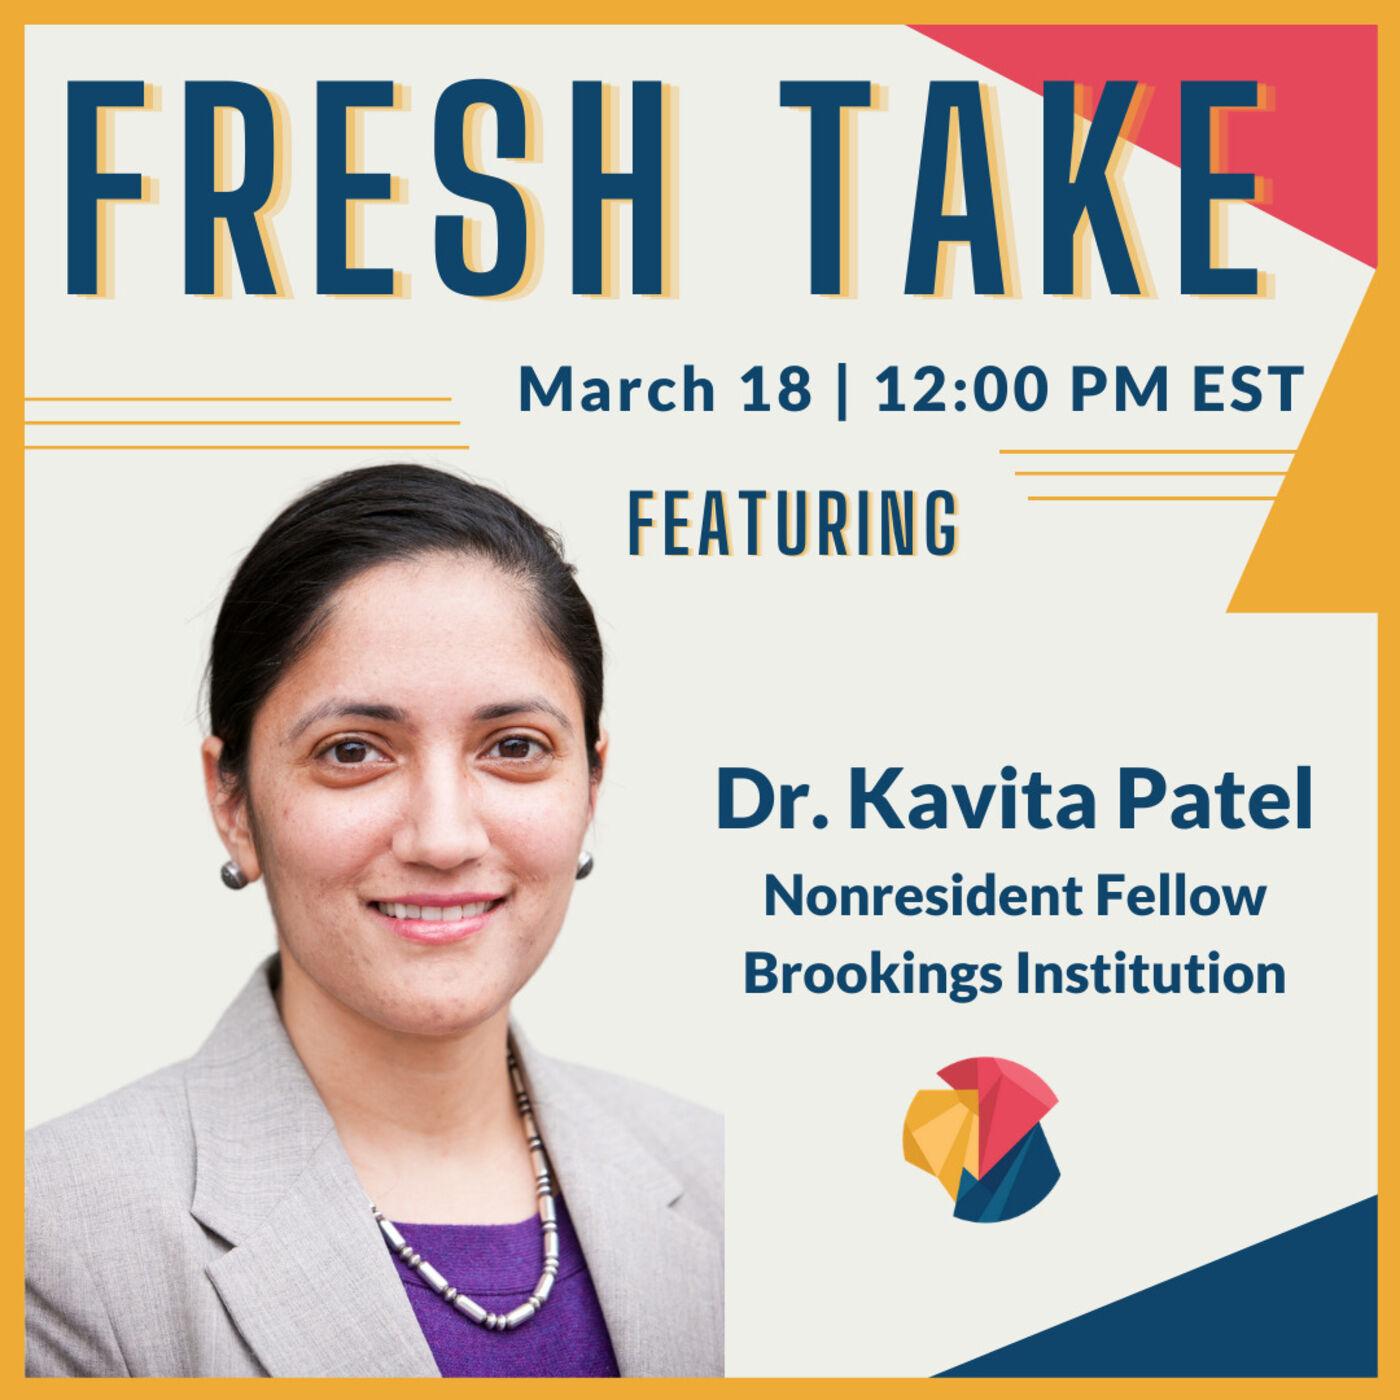 Fresh Take ft. Dr. Kavita Patel